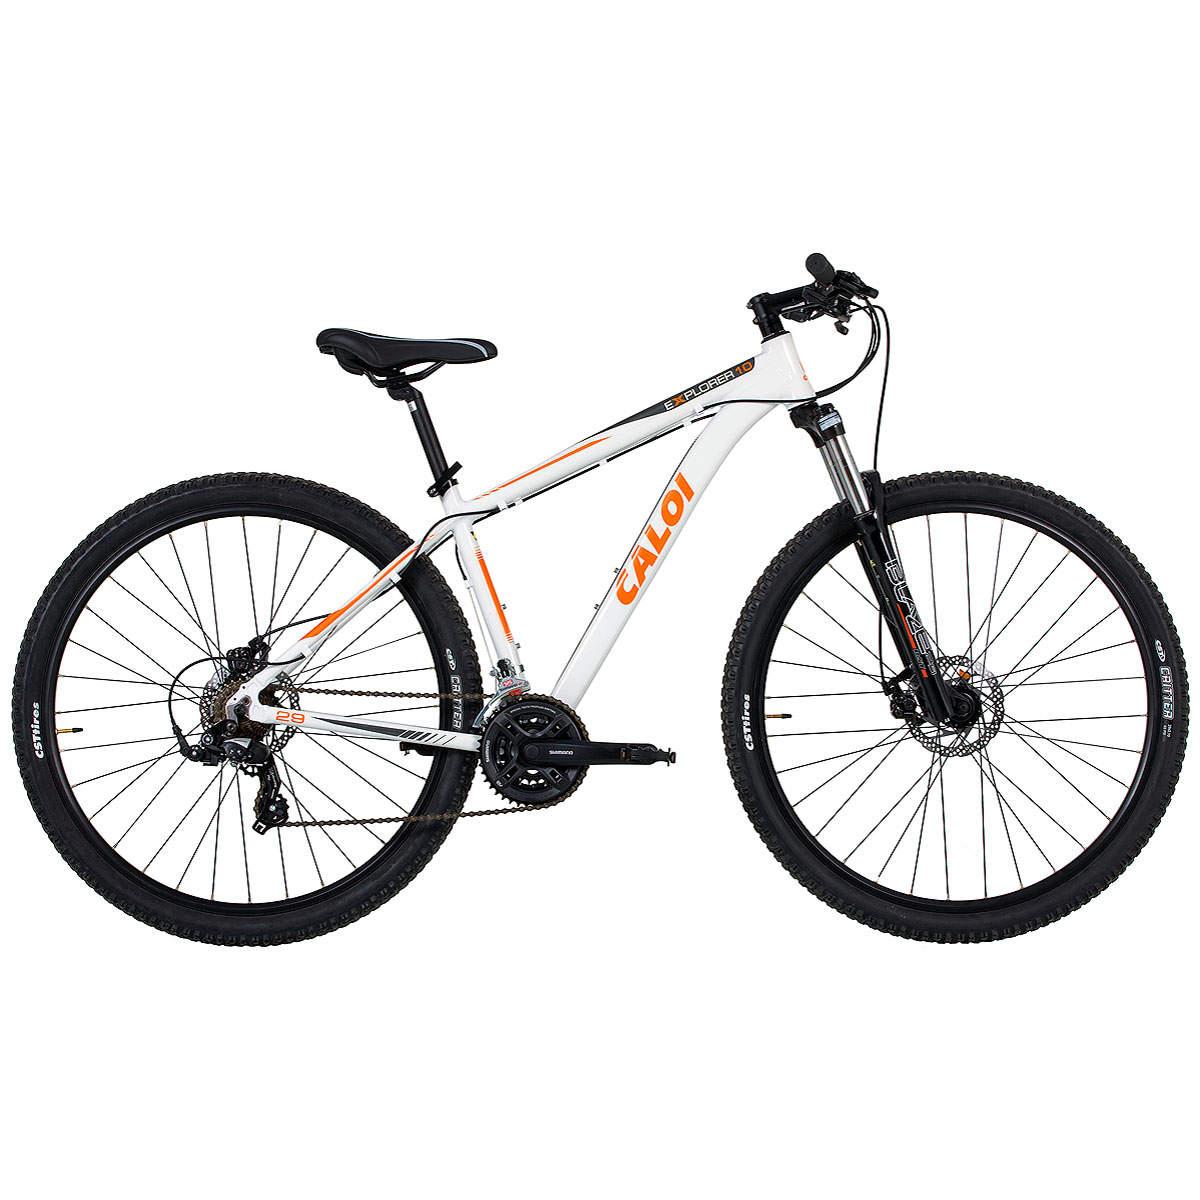 Bicicletas Caloi com até 22% de desconto na Centauro